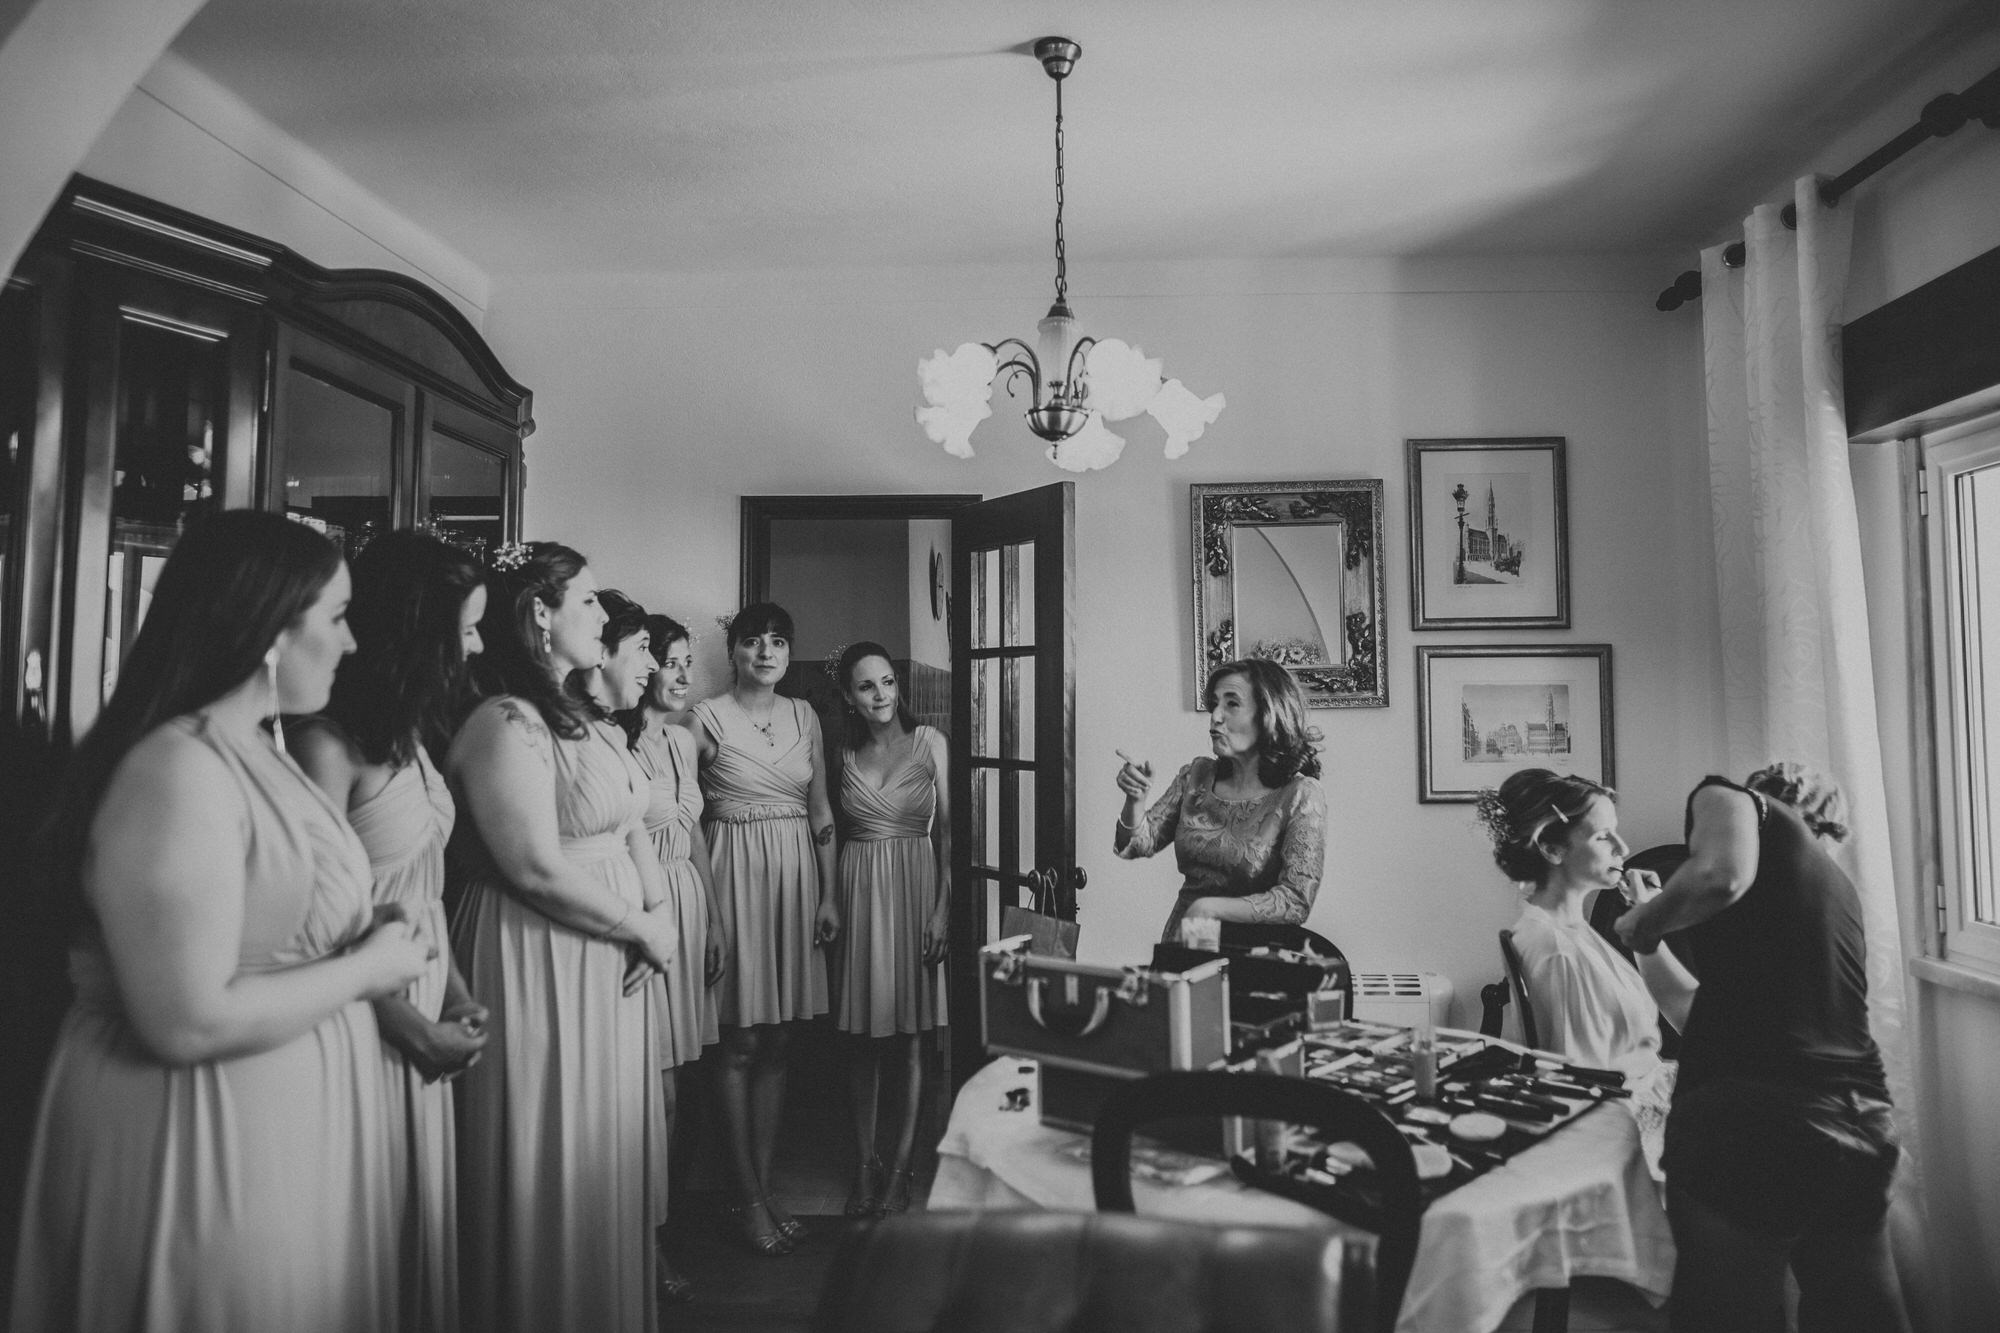 Filipe Santiago Fotografia-fotografo-malveira-lisboa-cascais-mafra-melhores-reportagem-wedding-photography-portugal-lisbon-best-natural-casamentos-lifestyle-bride-ideias-rustic-boho-hair-mackup-damas-preparativos-preparations-bridemaids-dress-storie-mother